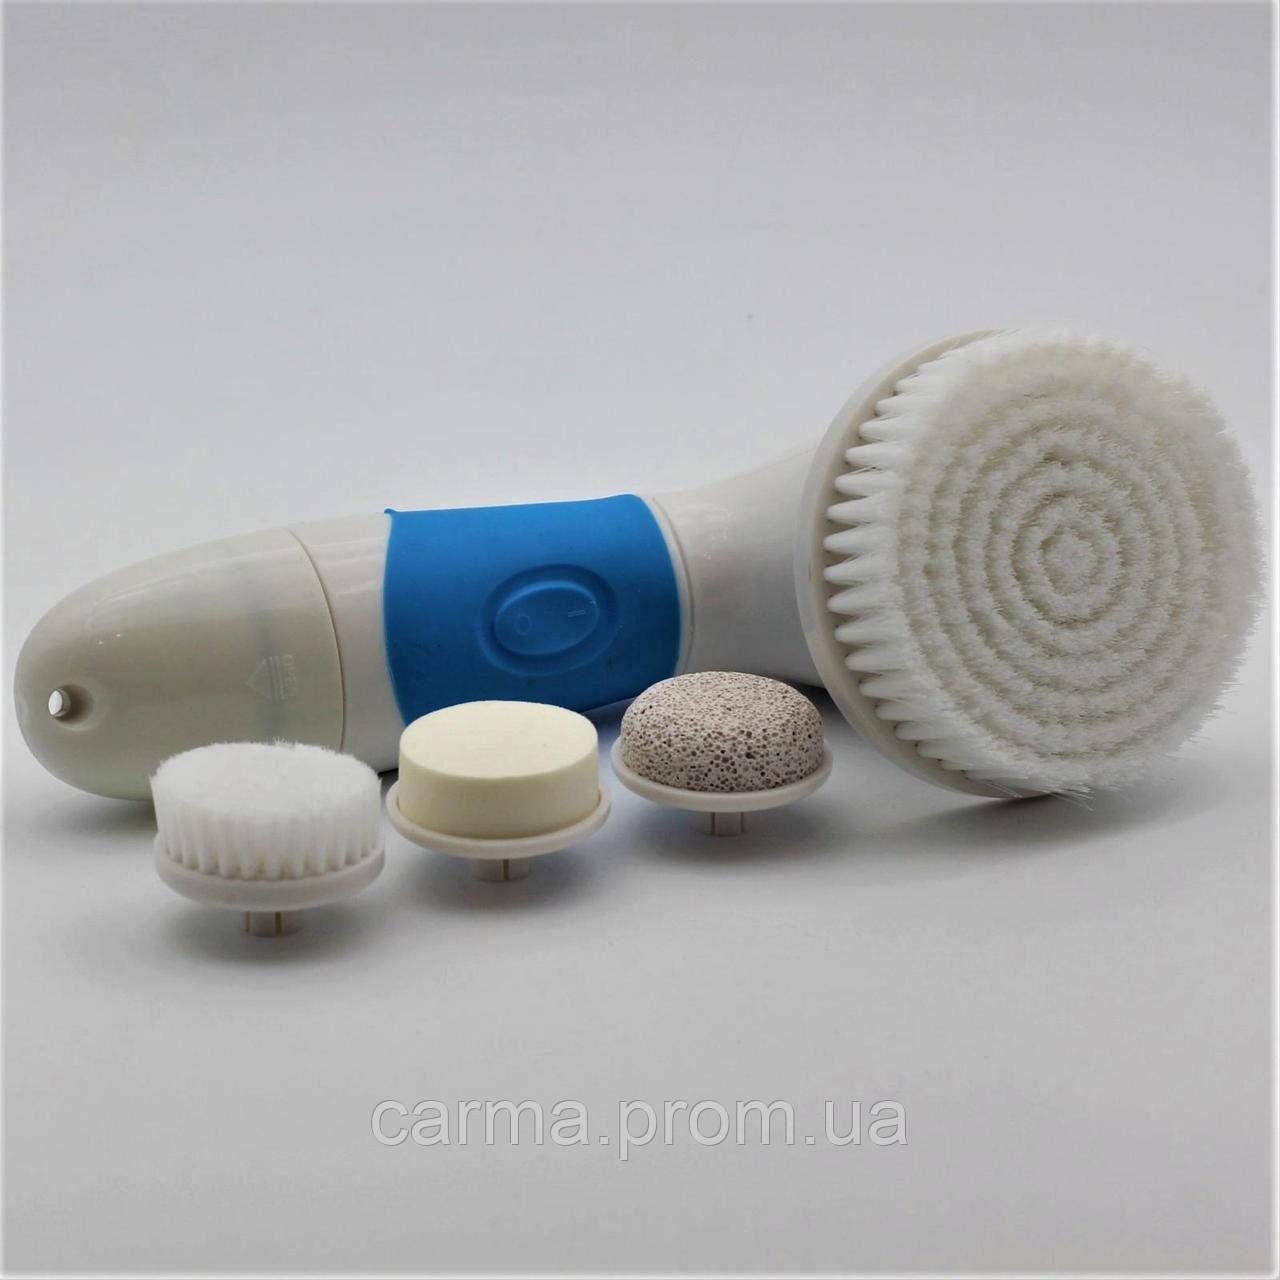 Набор для глубокого очищения кожи лица и тела SPA-FX 4 насадки